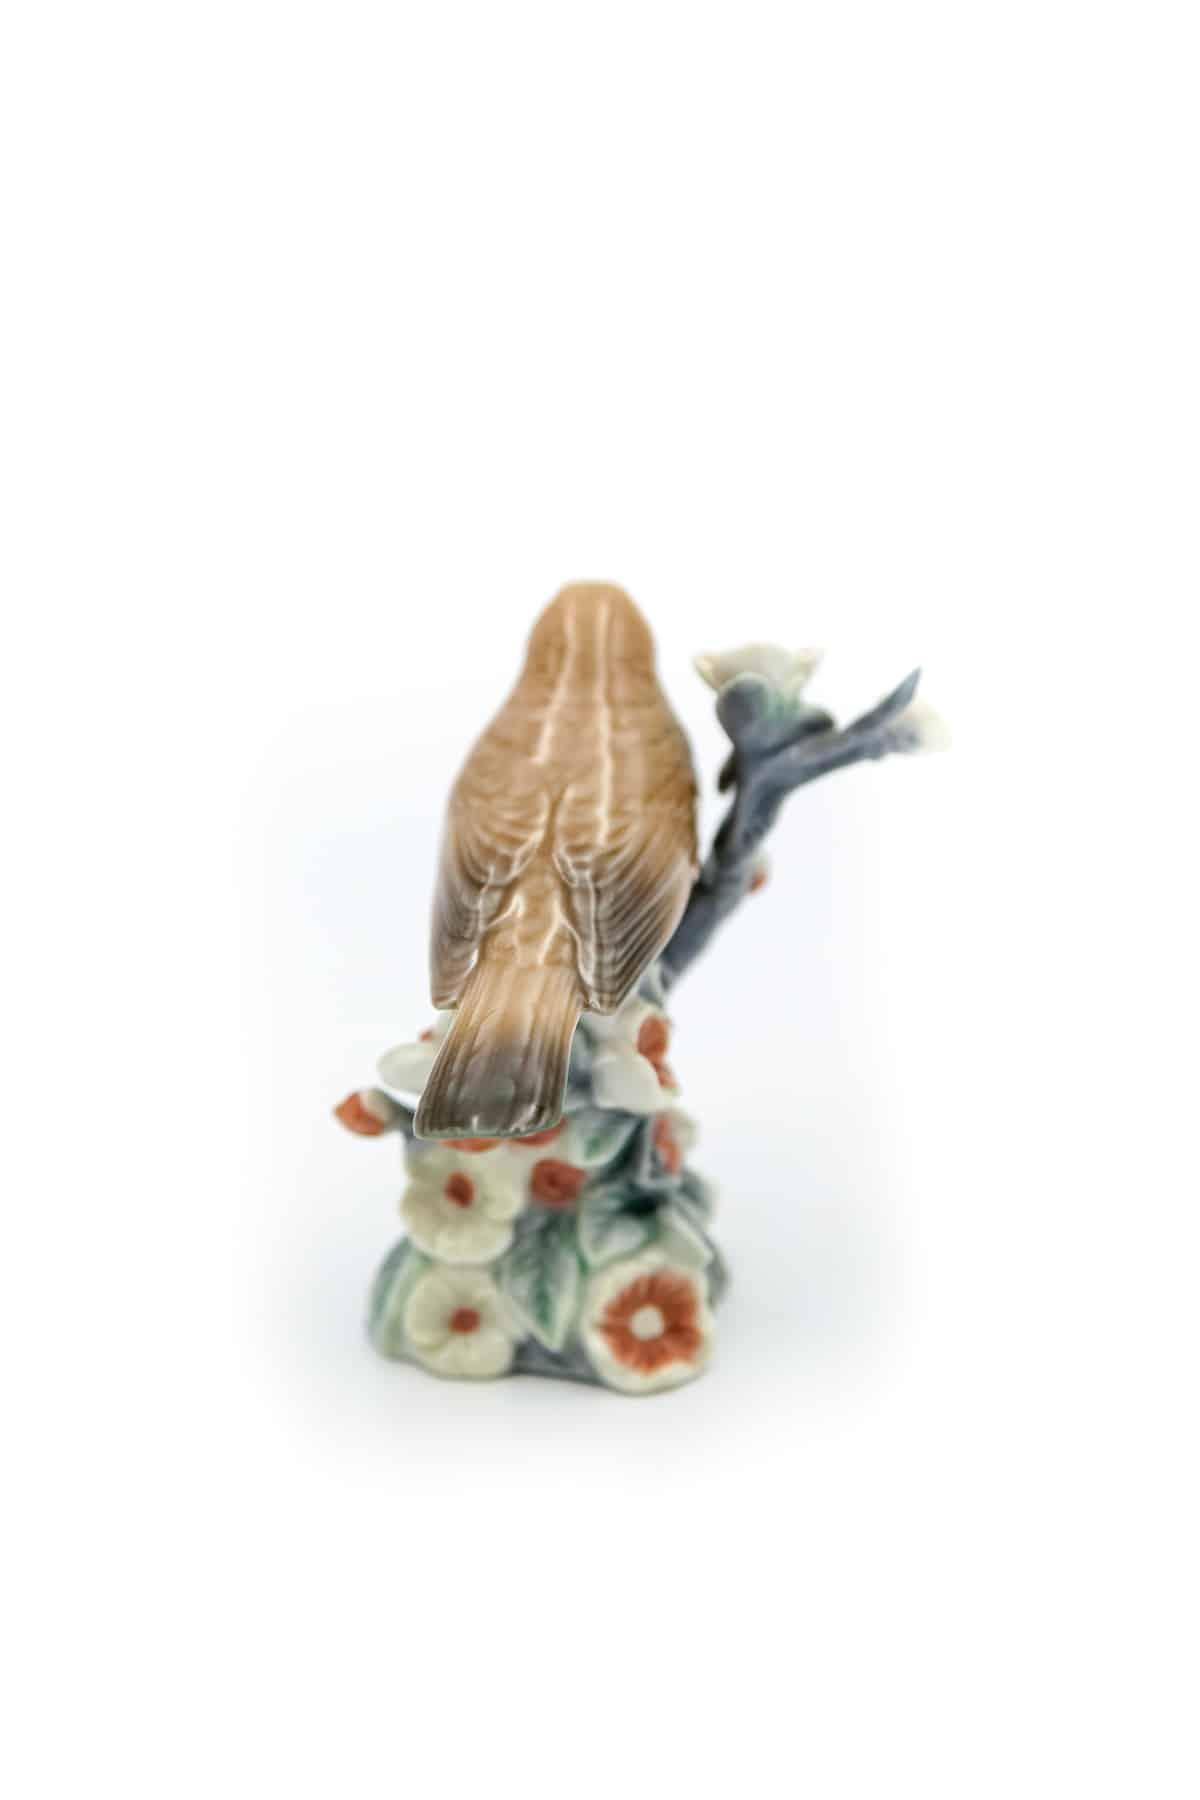 farforovaya statuetka solovey